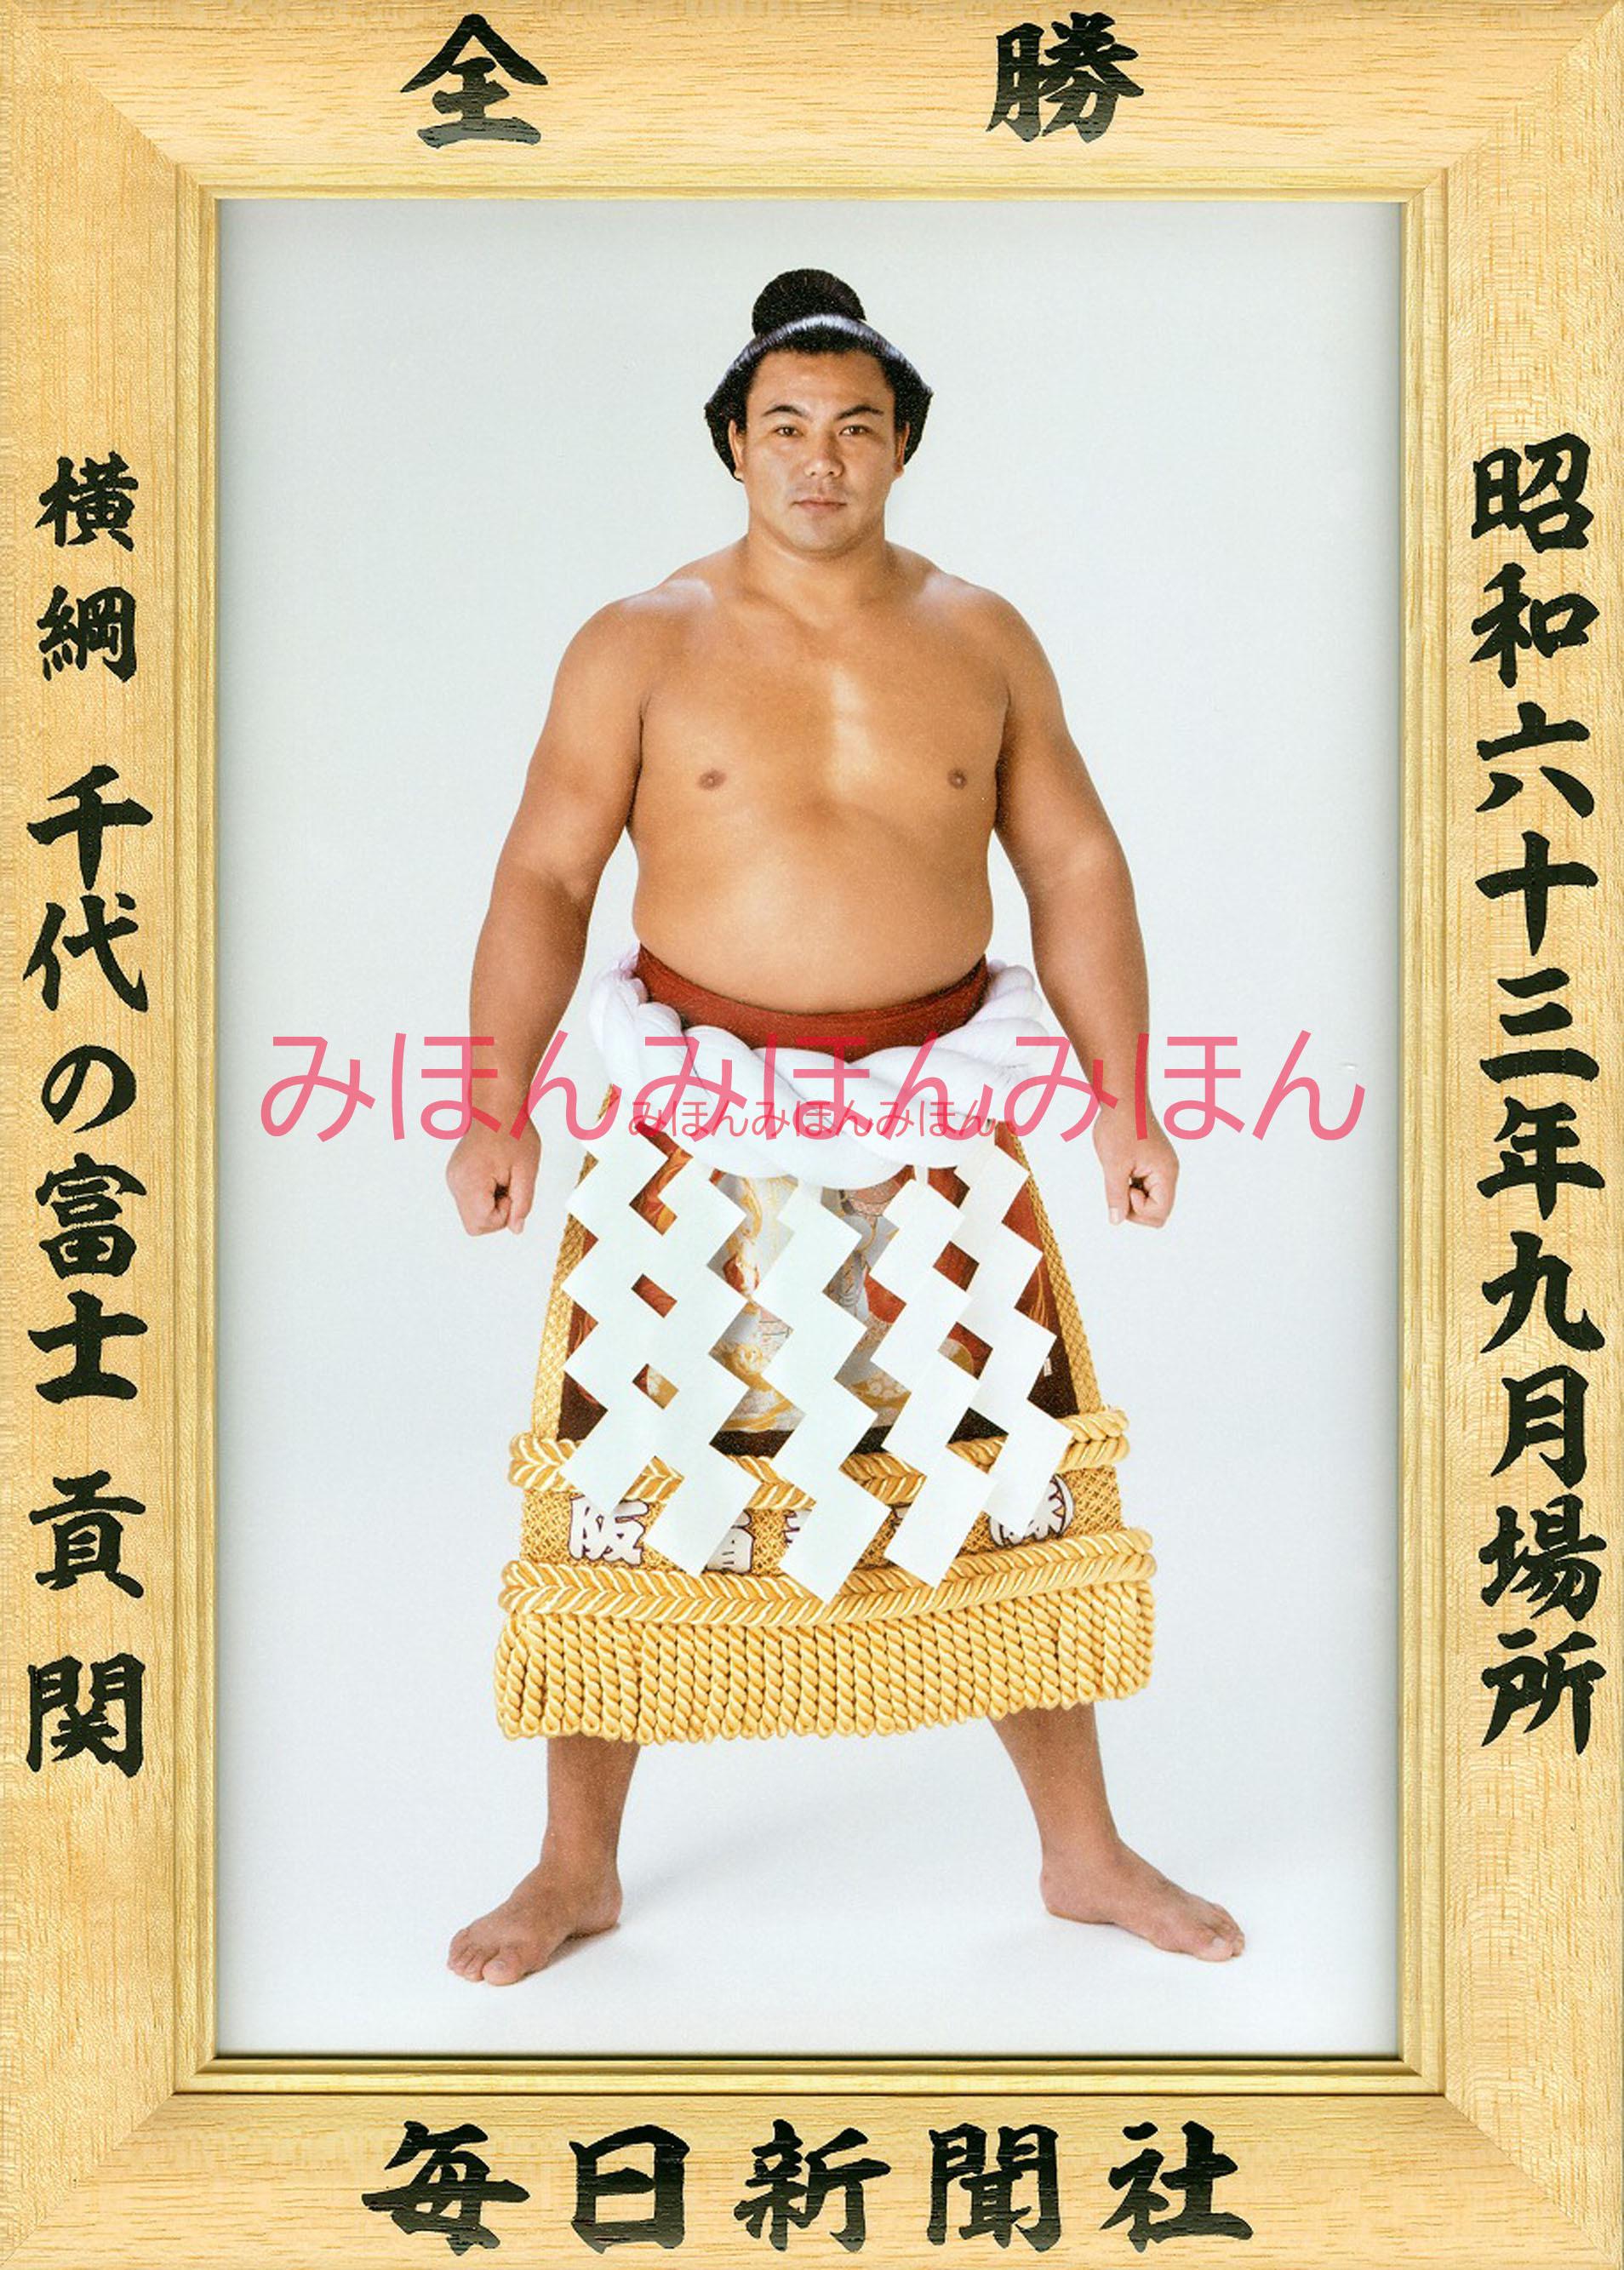 昭和63年9月場所全勝 横綱 千代の富士貢関(25回目の優勝)